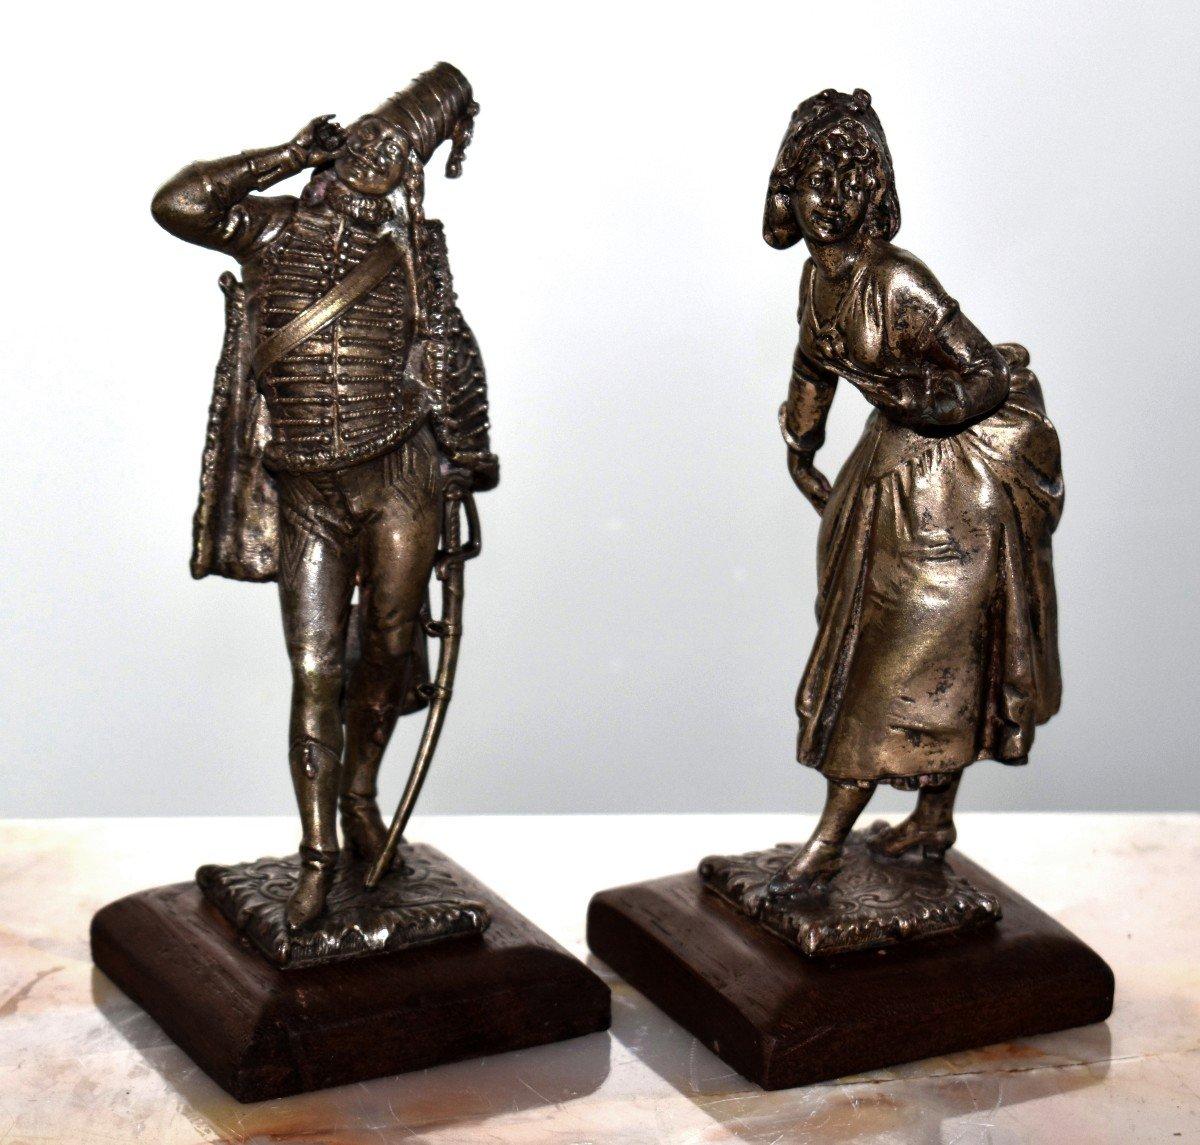 Paire De Statuettes , Sujet Militaire, Hussard  et  Jeune Fille,  Soldat en costume militaire, Premier Empire, Napoléon.-photo-2